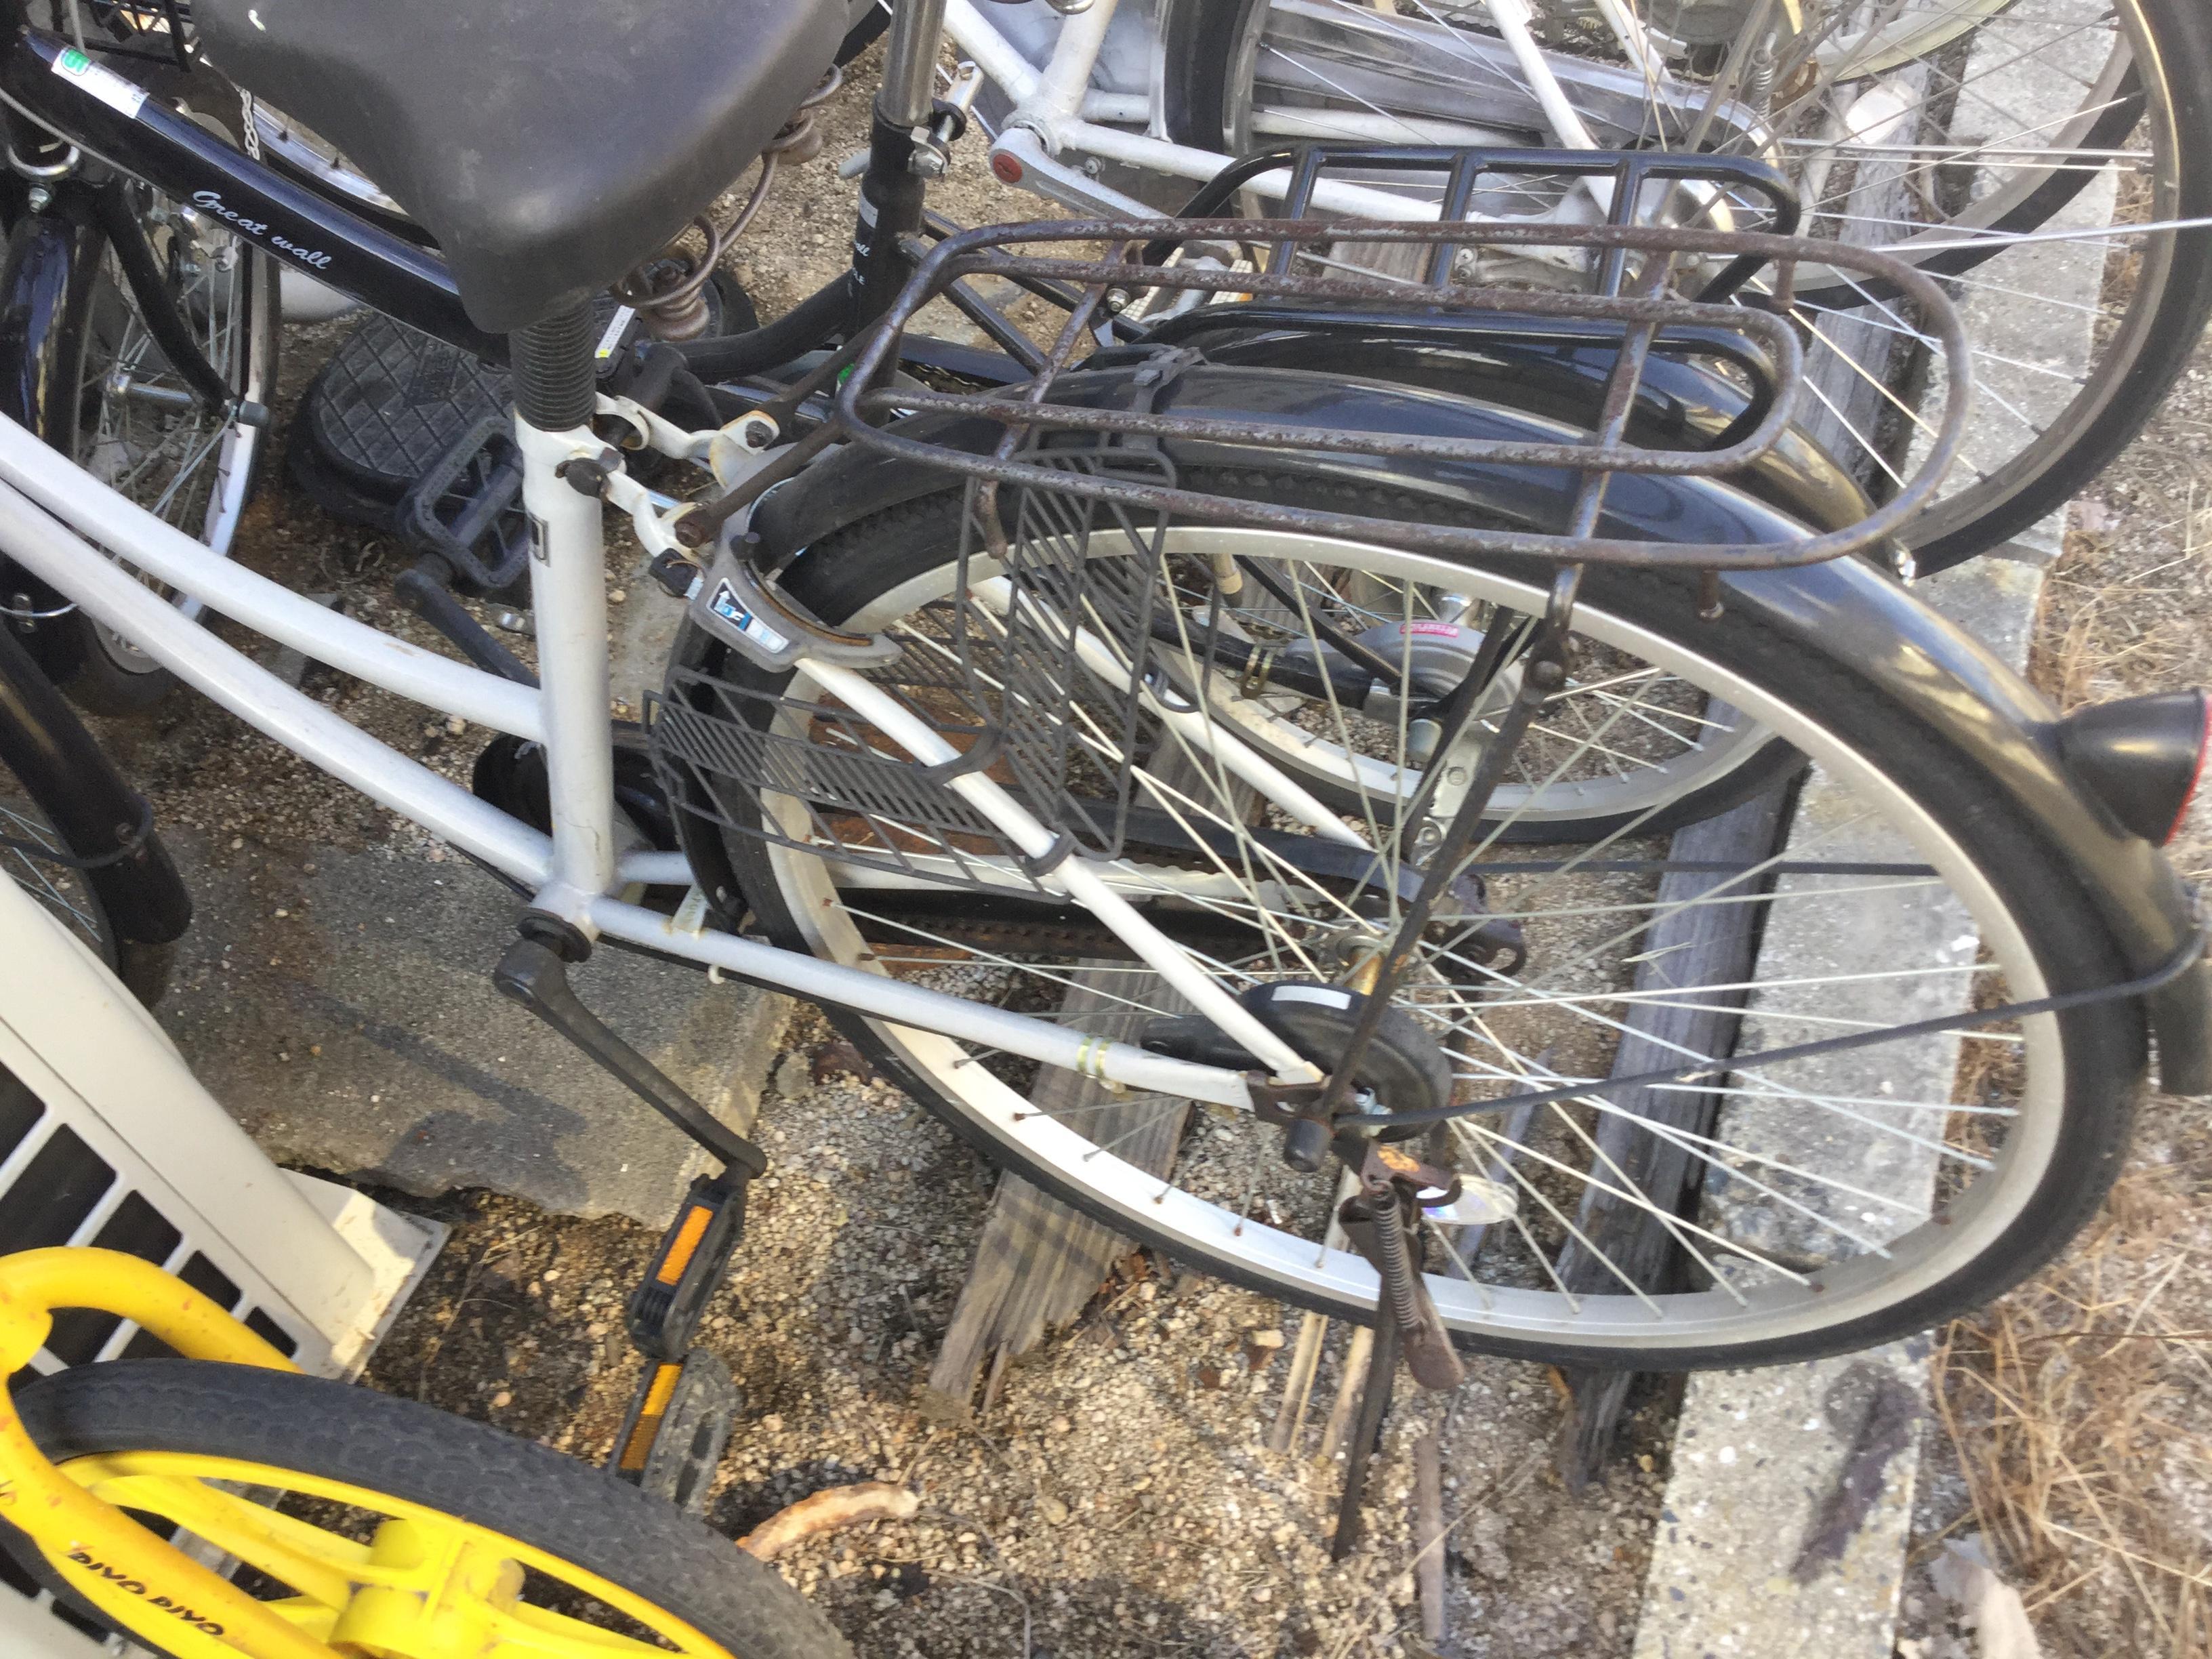 津山市で不用品回収した自転車